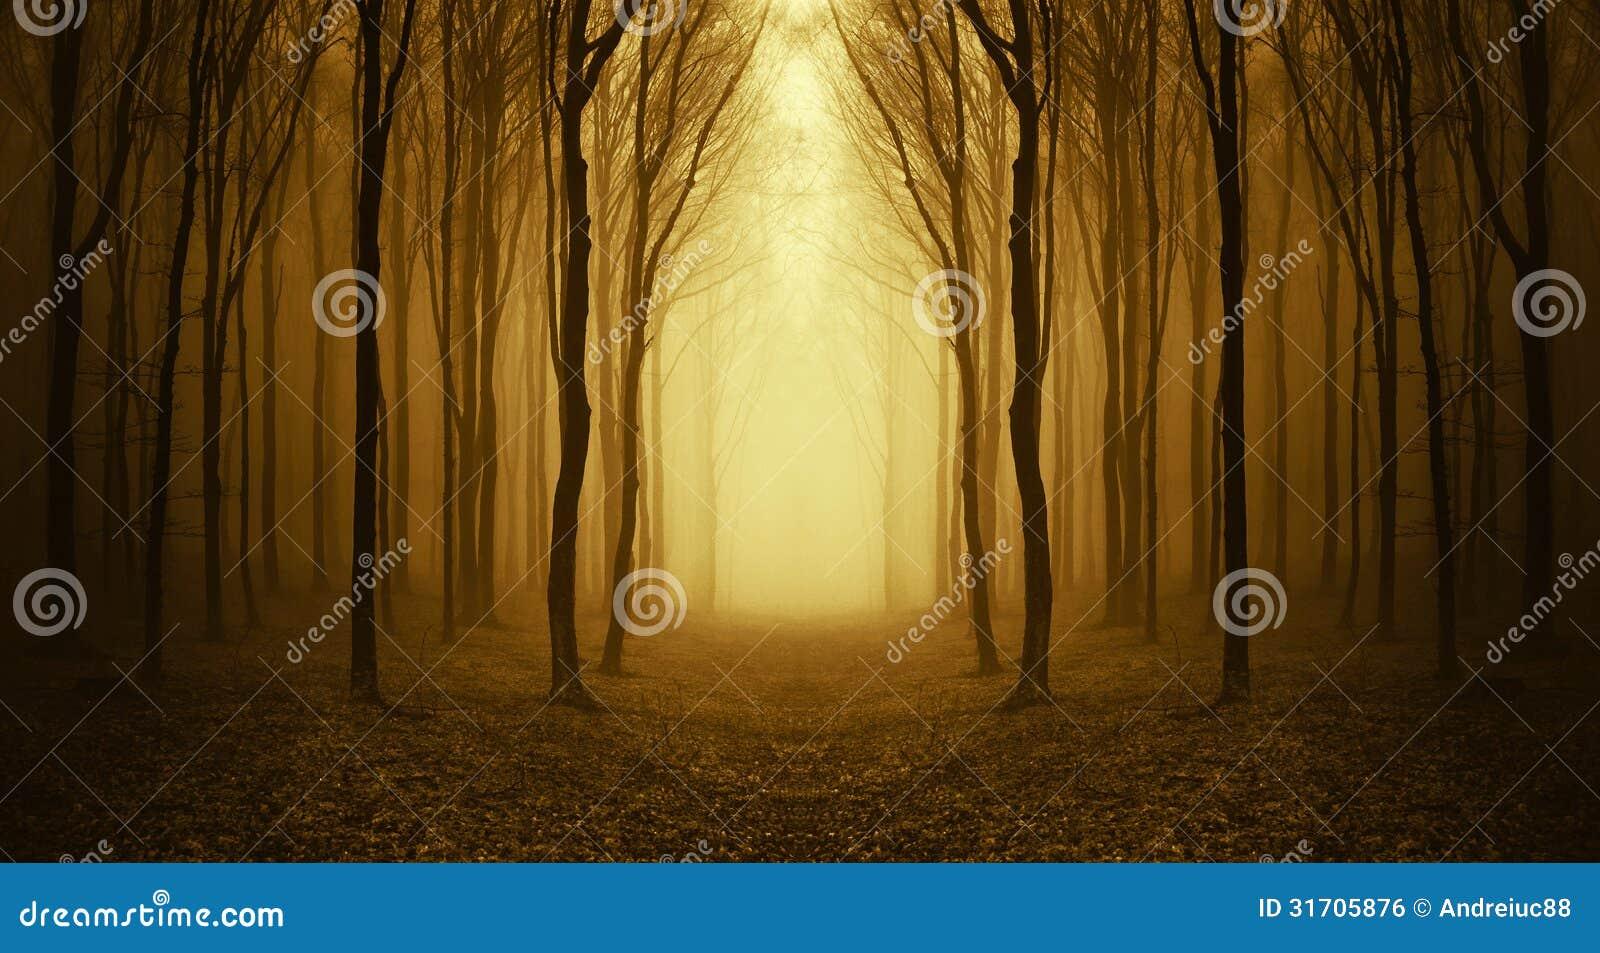 Depressione del percorso una foresta sconosciuta con nebbia in autunno